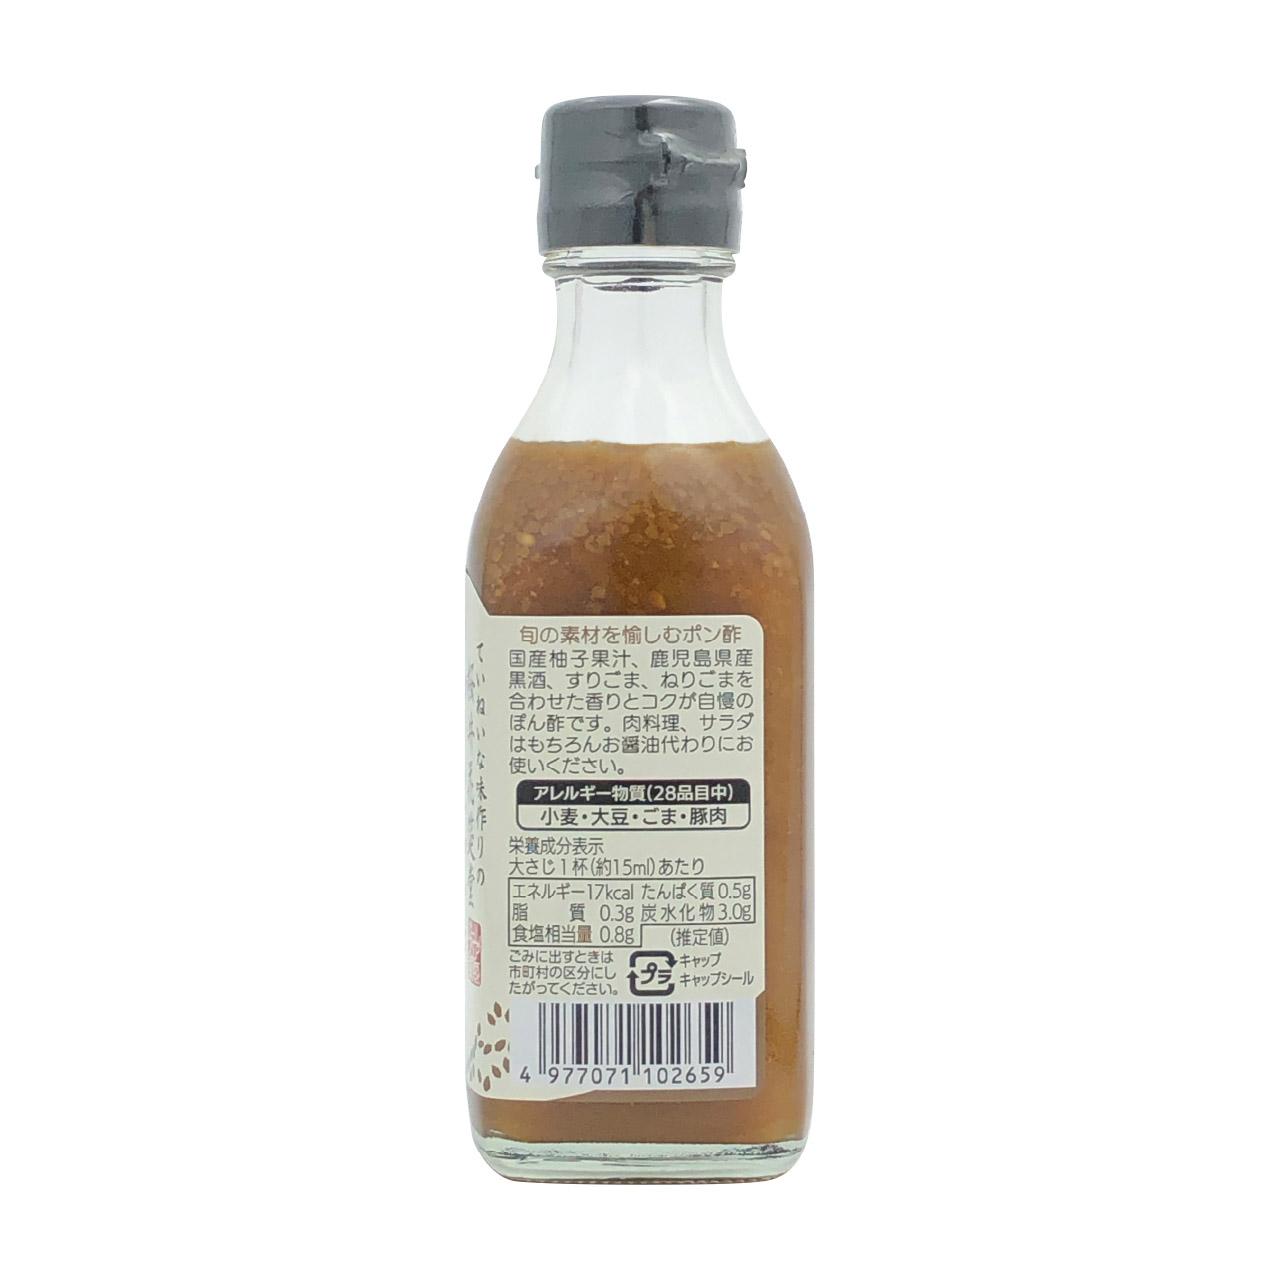 ゆずとごまのぽん酢 200ml